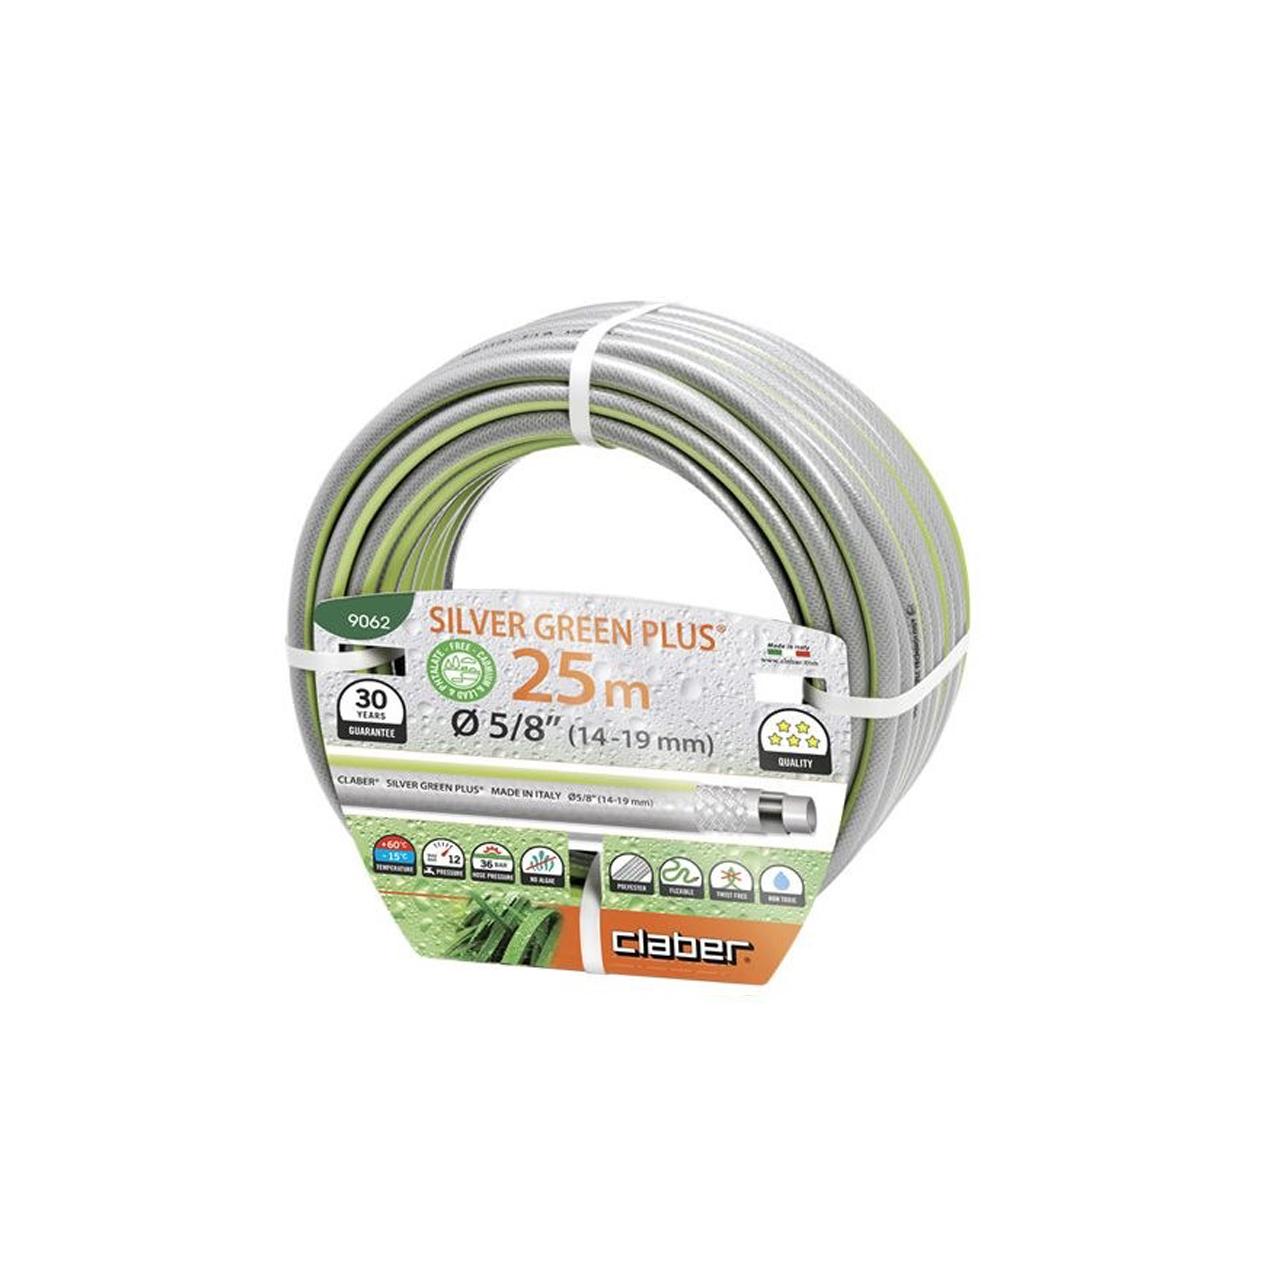 """Claber 9062 - zahradní hadice Silver green Plus 5/8"""" - 25m"""